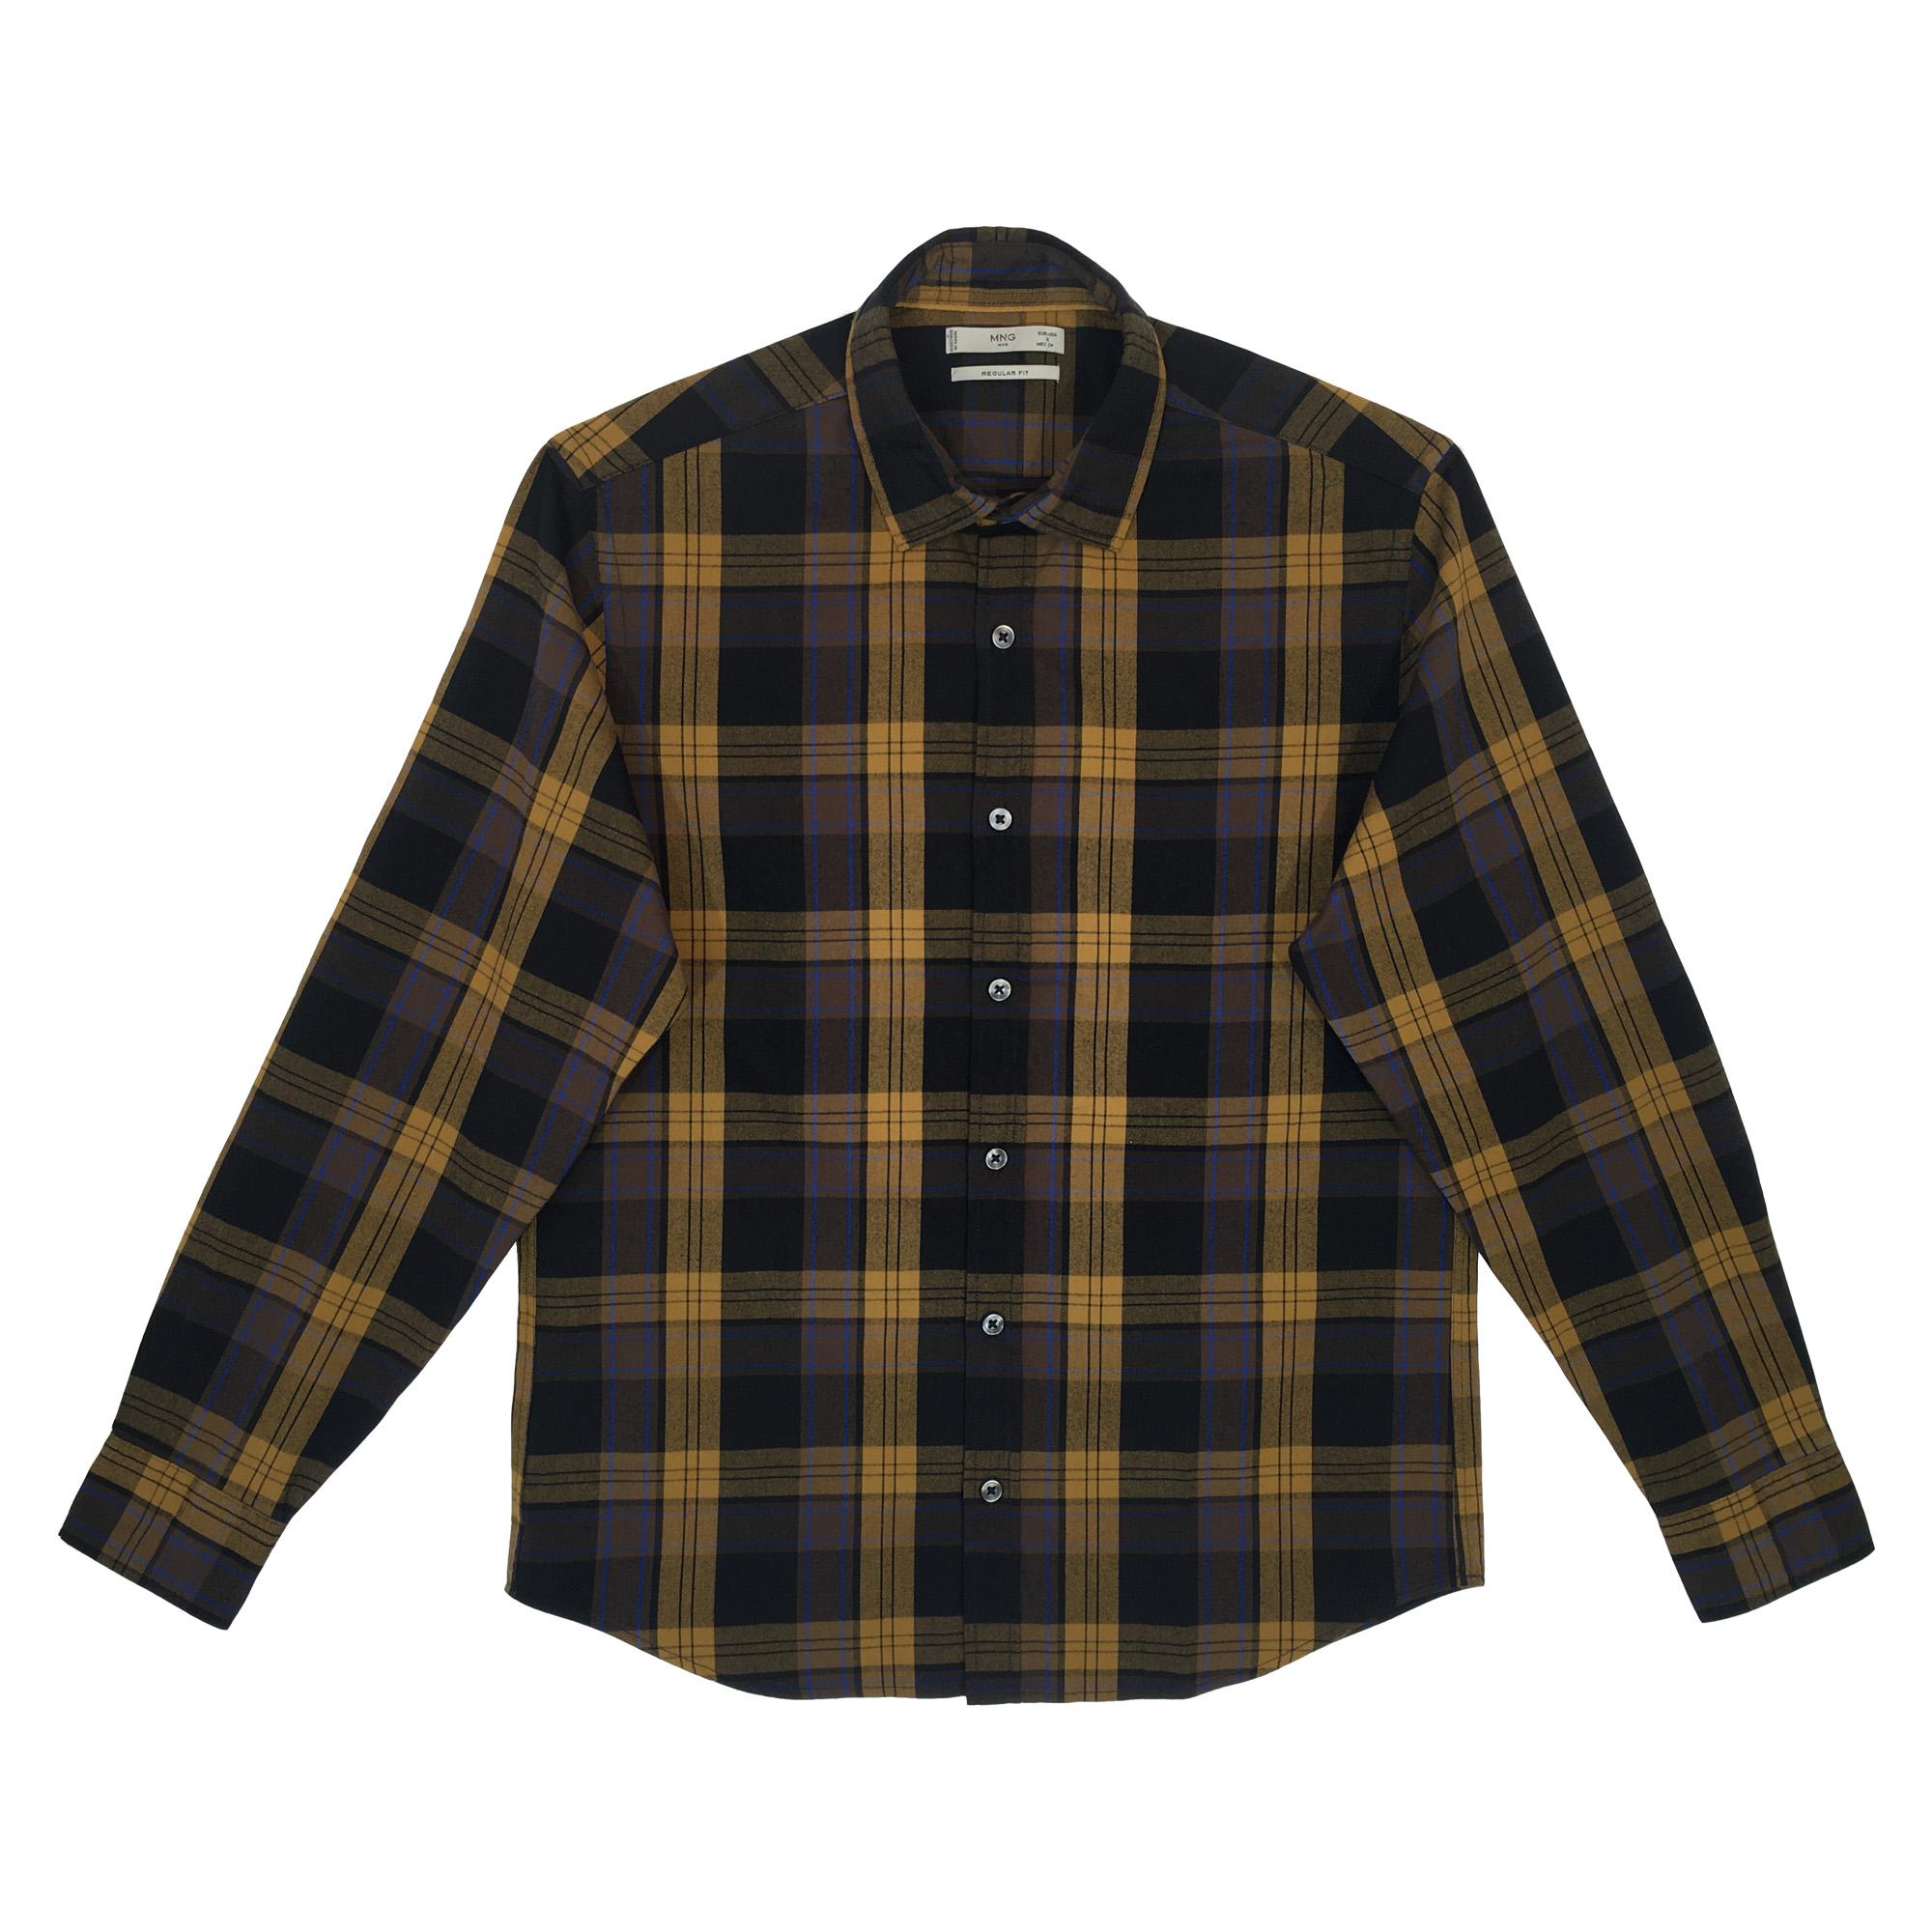 پیراهن آستین بلند مردانه مانگو مدل 87040510